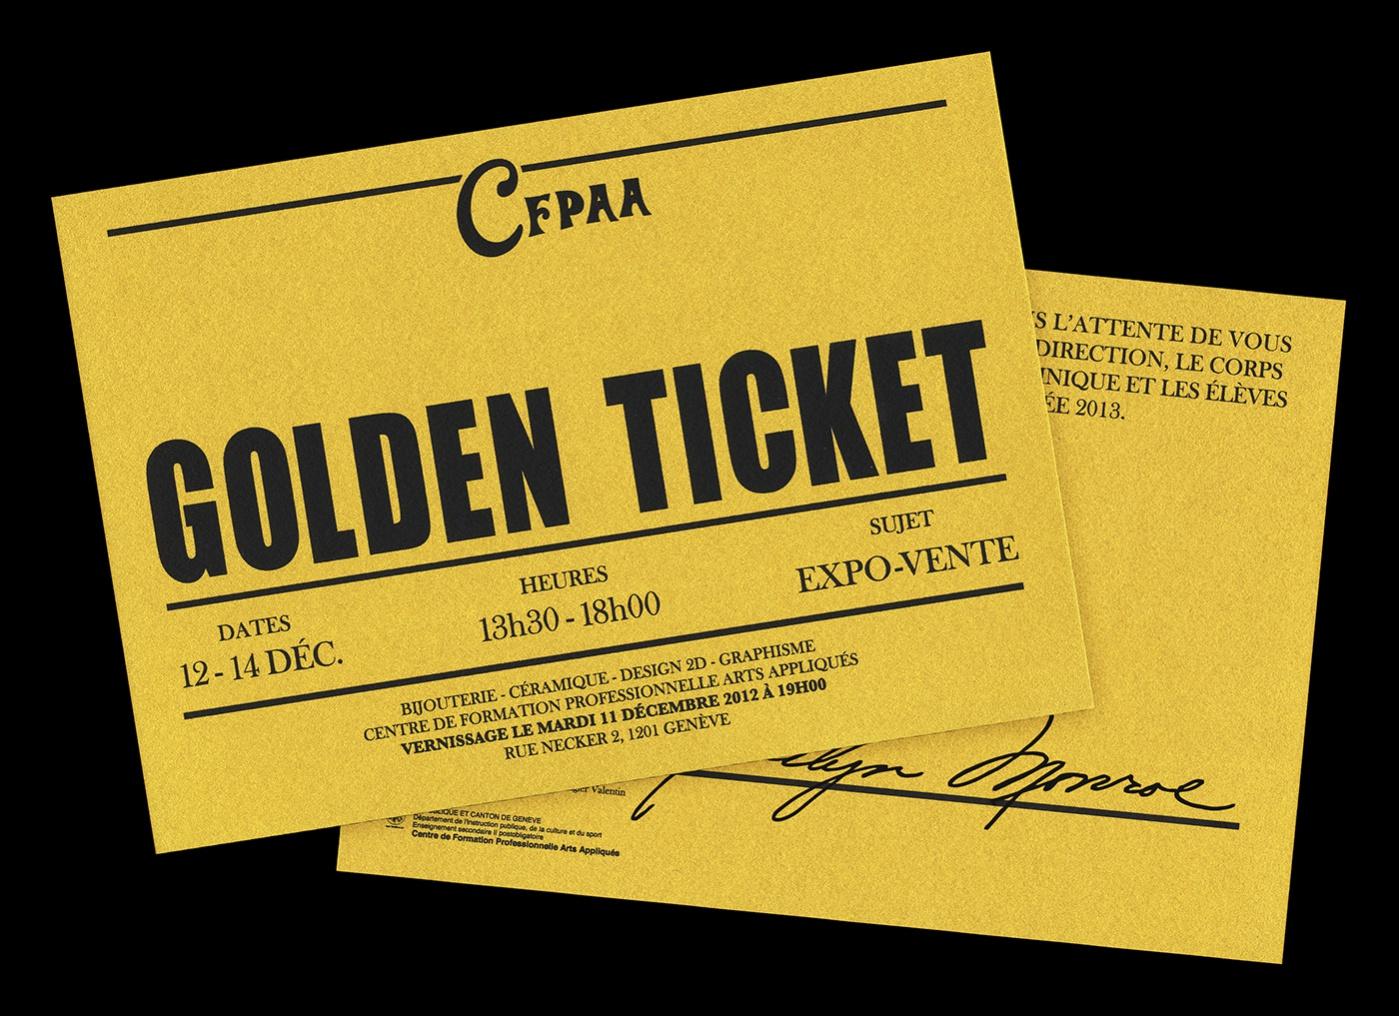 Free Golden Ticket